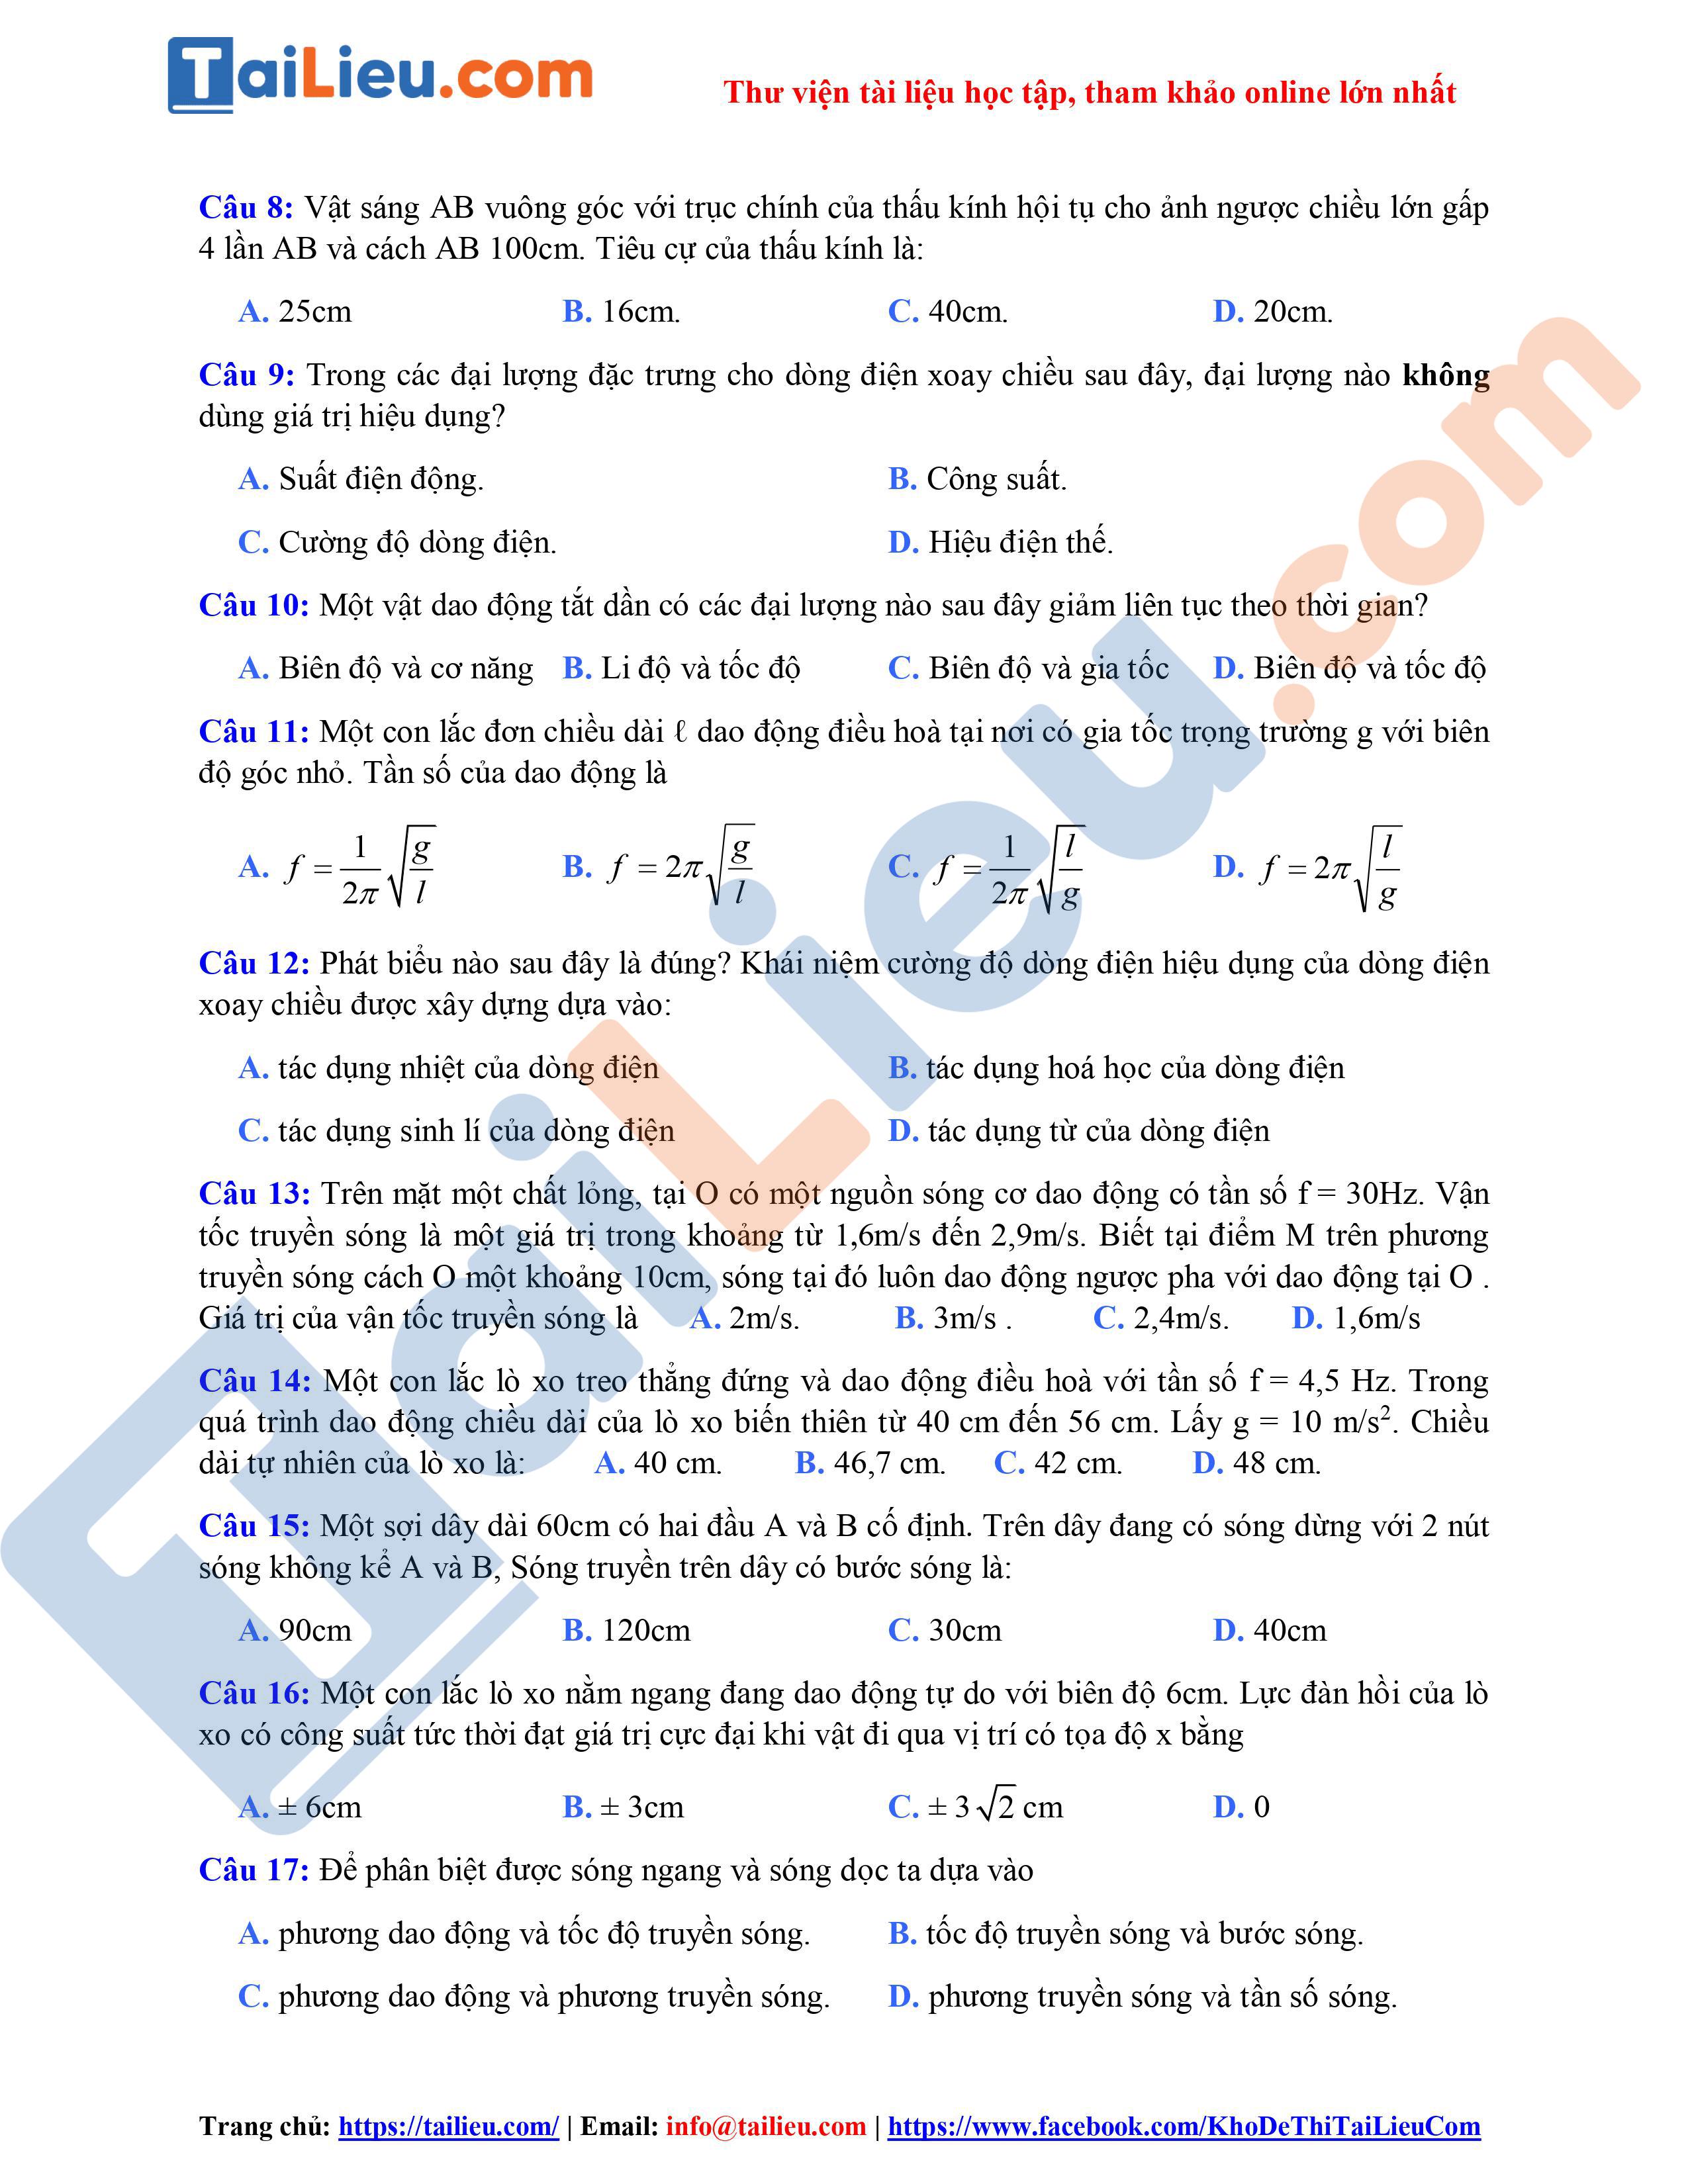 Đề thi thử THPT Quốc gia 2021 môn Vật lý THPT Lý Thái Tổ - Đà nẵng-2